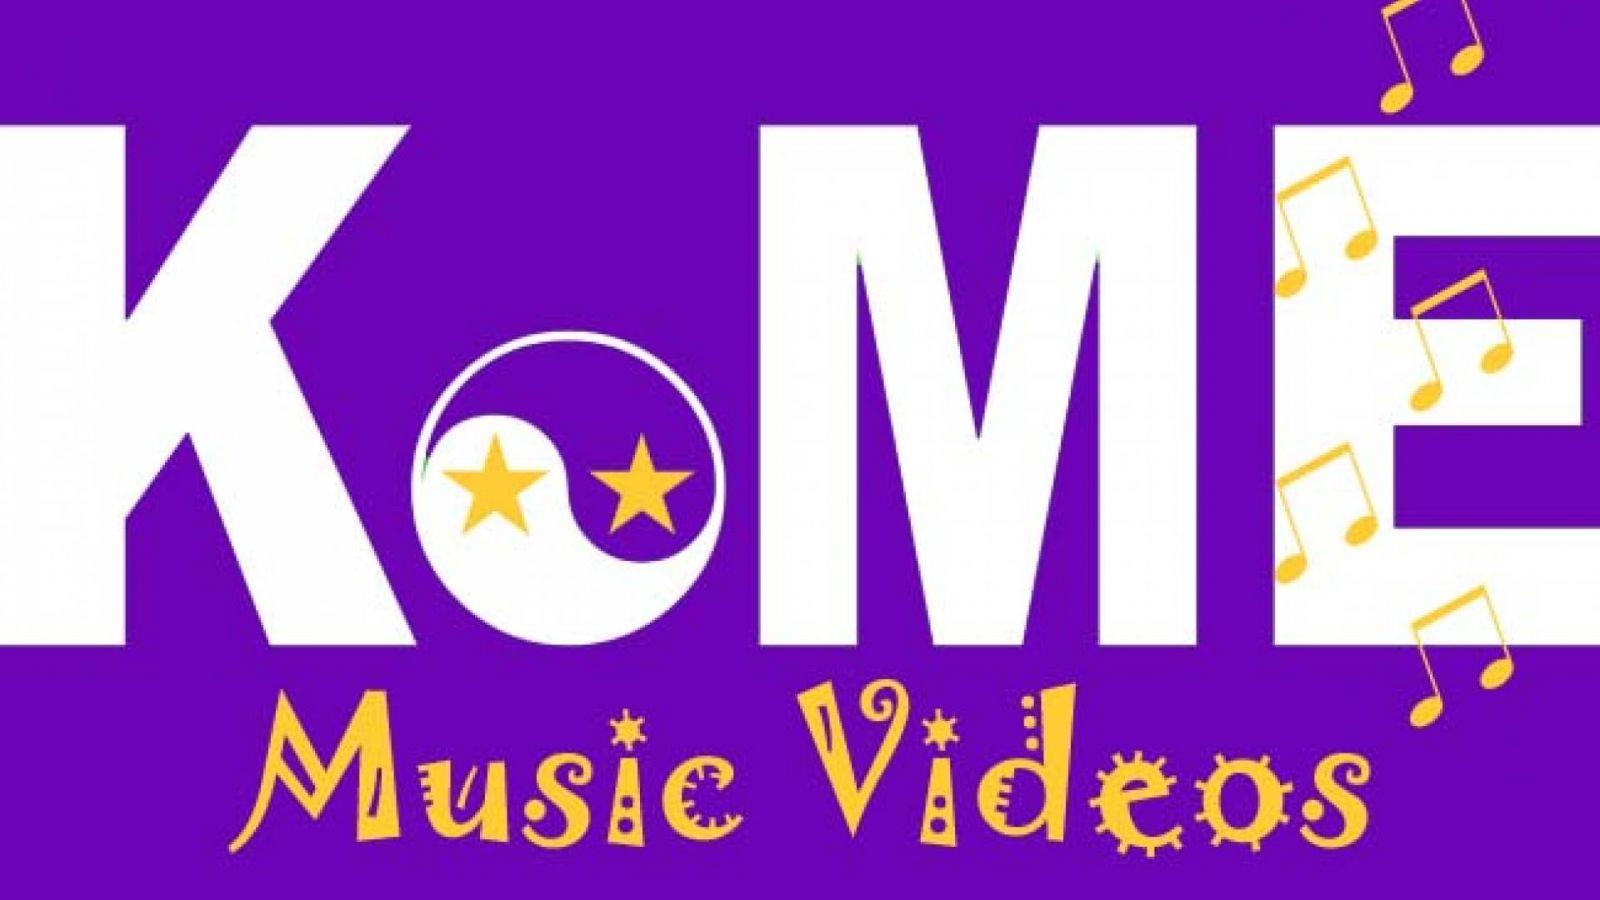 MVs da semana: 16/09 - 22/09 © KoME